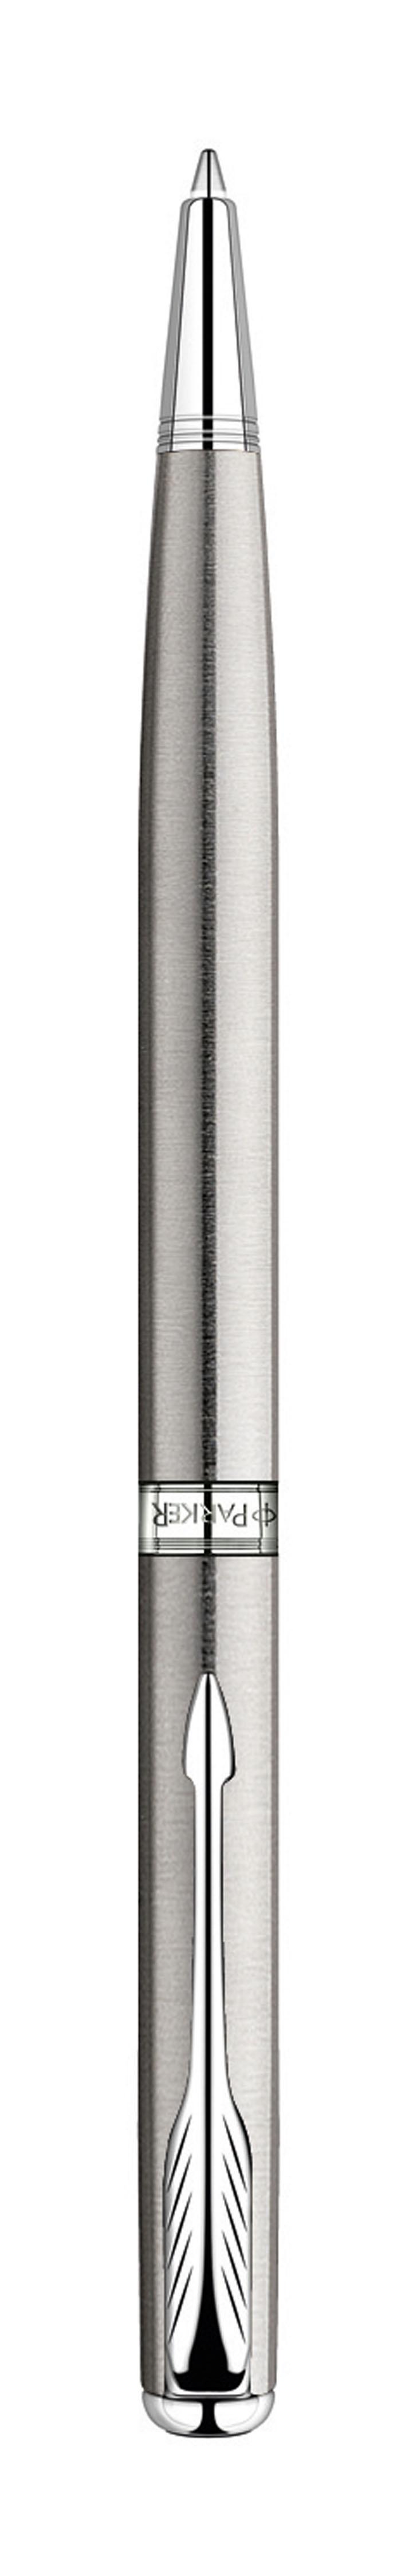 Parker Ручка шариковая Sonnet Slim Stainless Steel СTPARKER-S0809250Механизм ручки: шариковая, поворотный механизм Размер пишущего узла М (medium) - Средний 1 мм Шариковая ручка, поворотный механизмМатериал корпуса: Нержавеющая сталь Покрытие корпуса: Нержавеющая стальМатериал отделки деталей корпуса: ХромЦвет стержня: черныйВыгравированный логотип PARKER на декоративном кольцеКомплектация: Фирменная упаковка, руководство по эксплуатации с гарантийнымталоном. Гарантия производителя: Два (2) года со дня покупки.